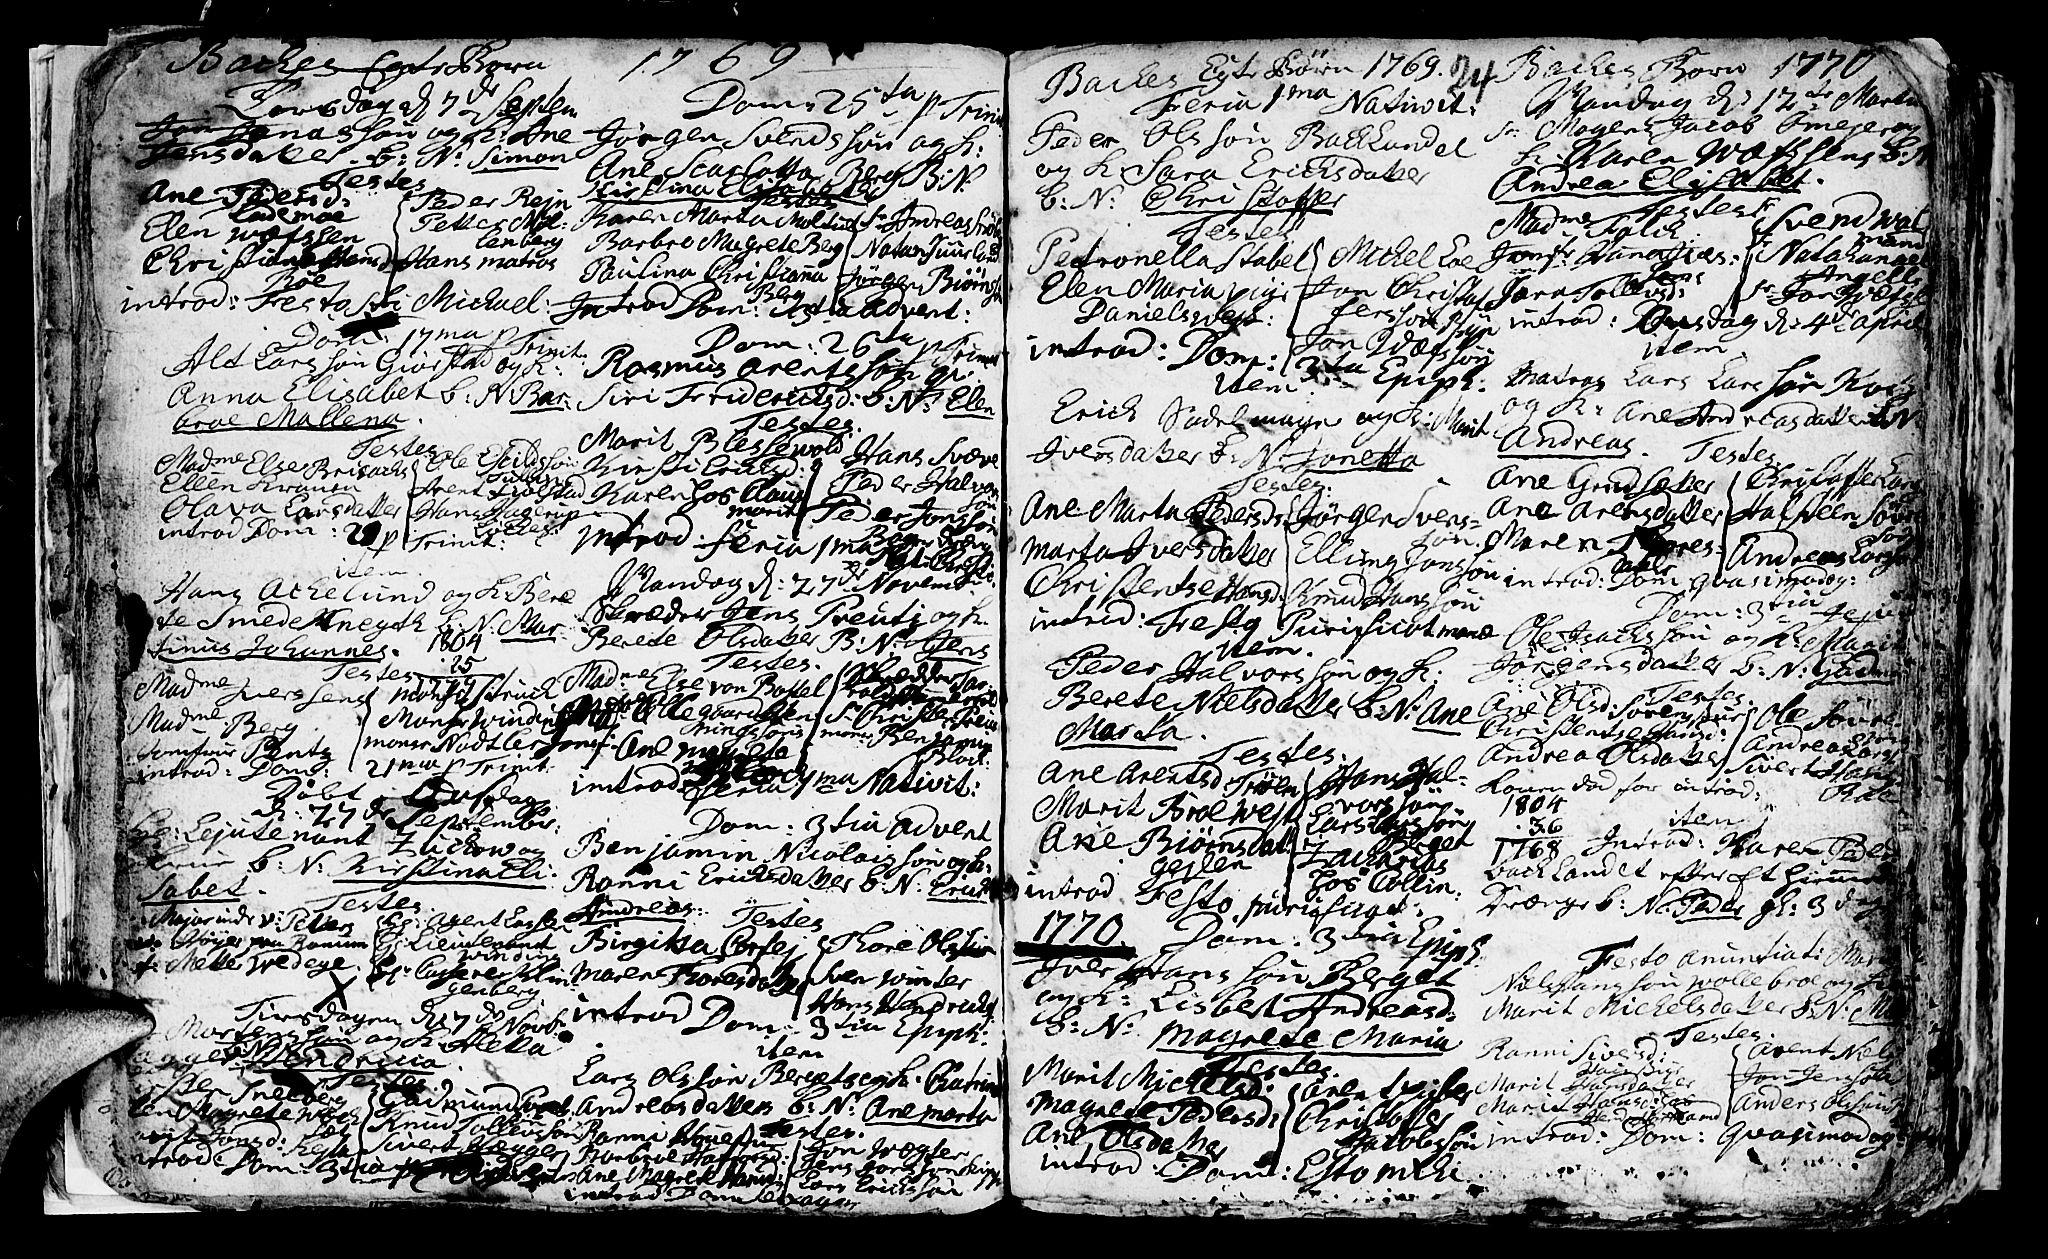 SAT, Ministerialprotokoller, klokkerbøker og fødselsregistre - Sør-Trøndelag, 604/L0218: Klokkerbok nr. 604C01, 1754-1819, s. 24